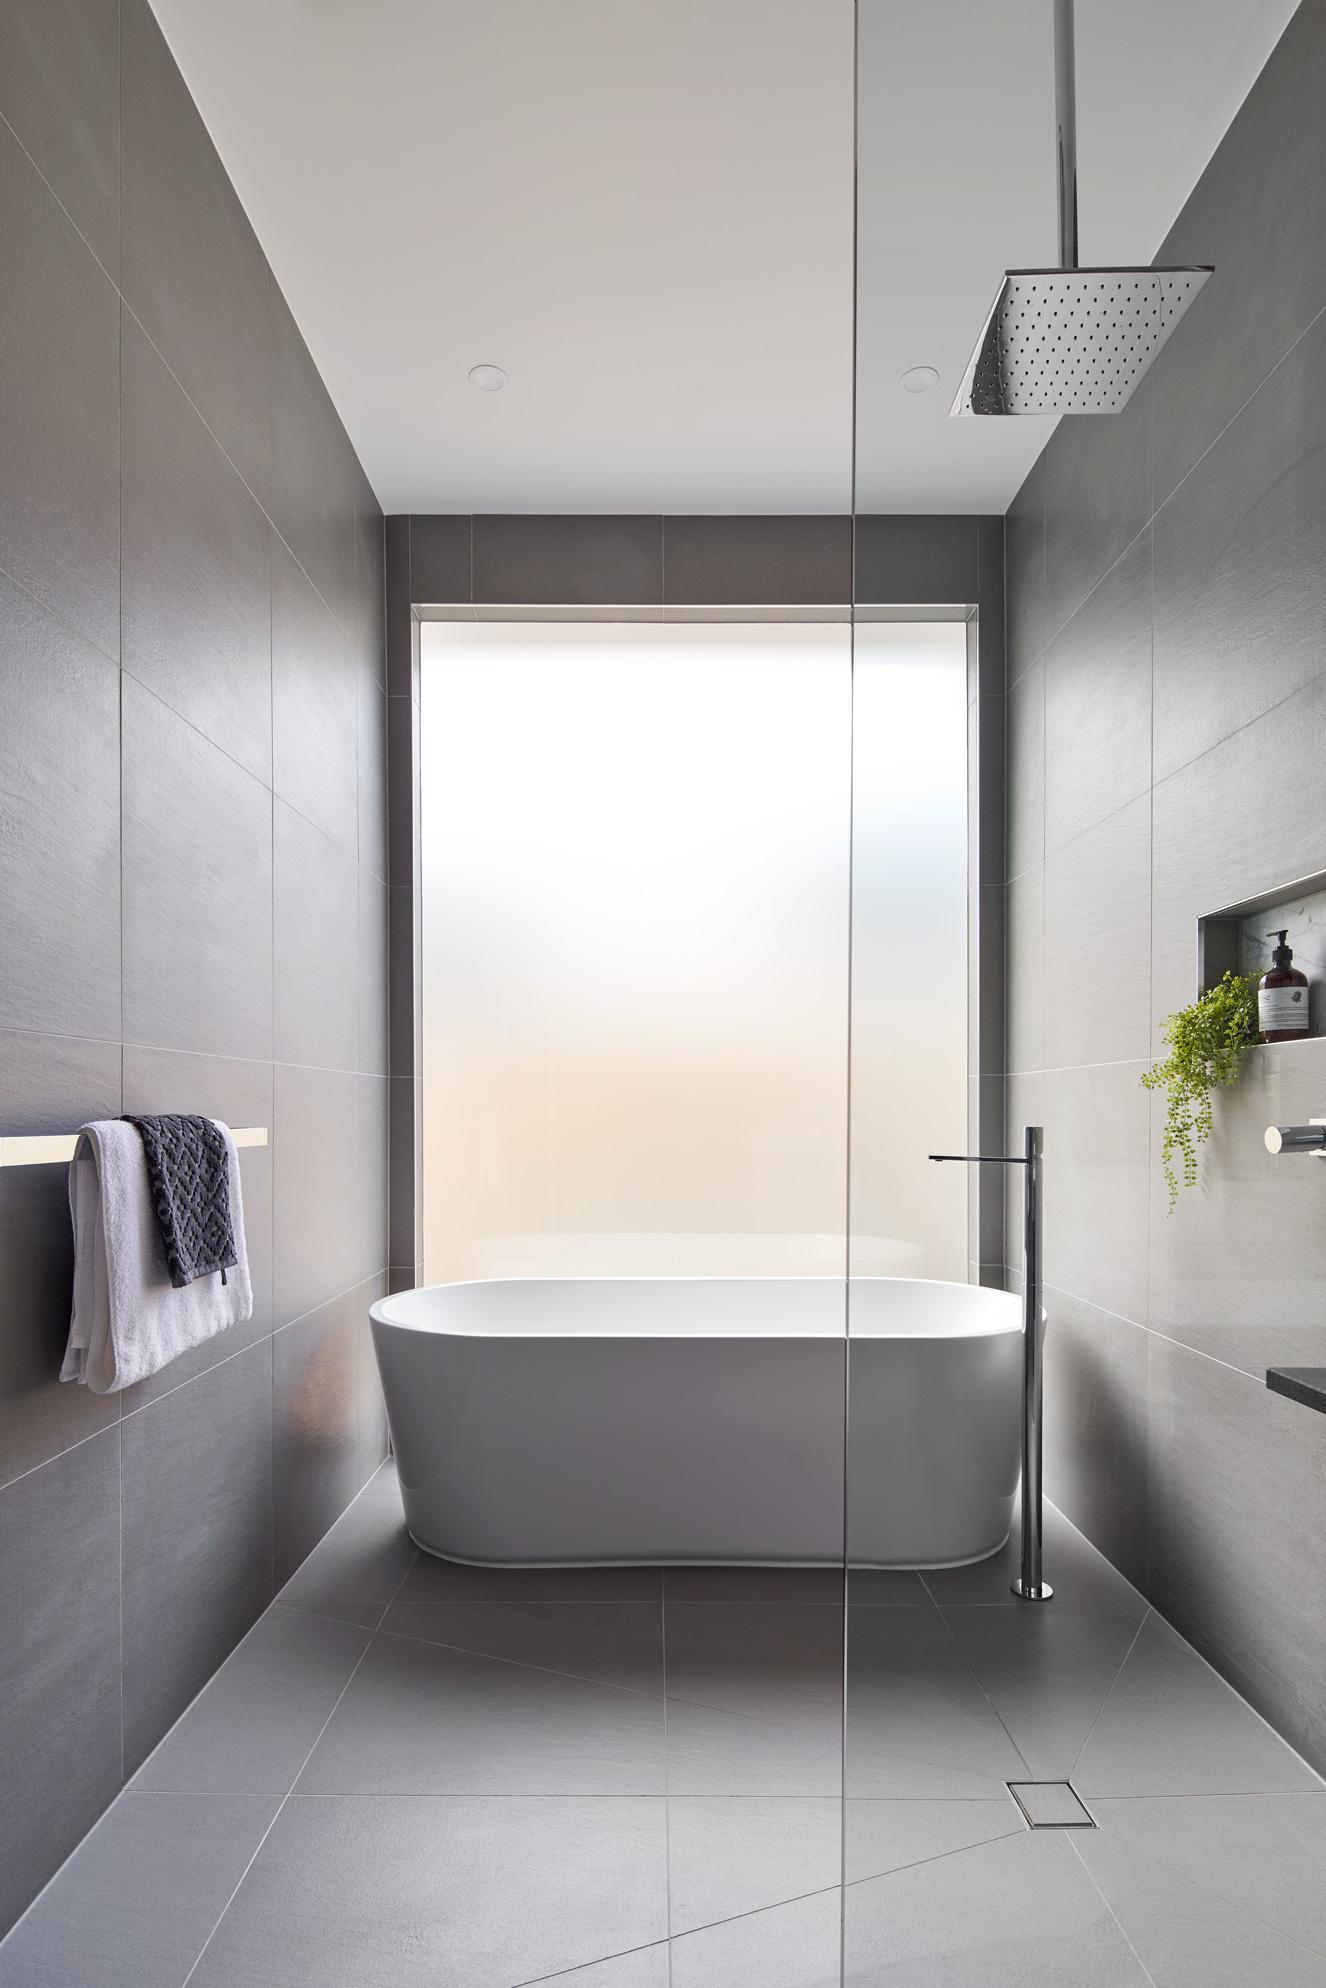 Jenkins_St_bathroom_3